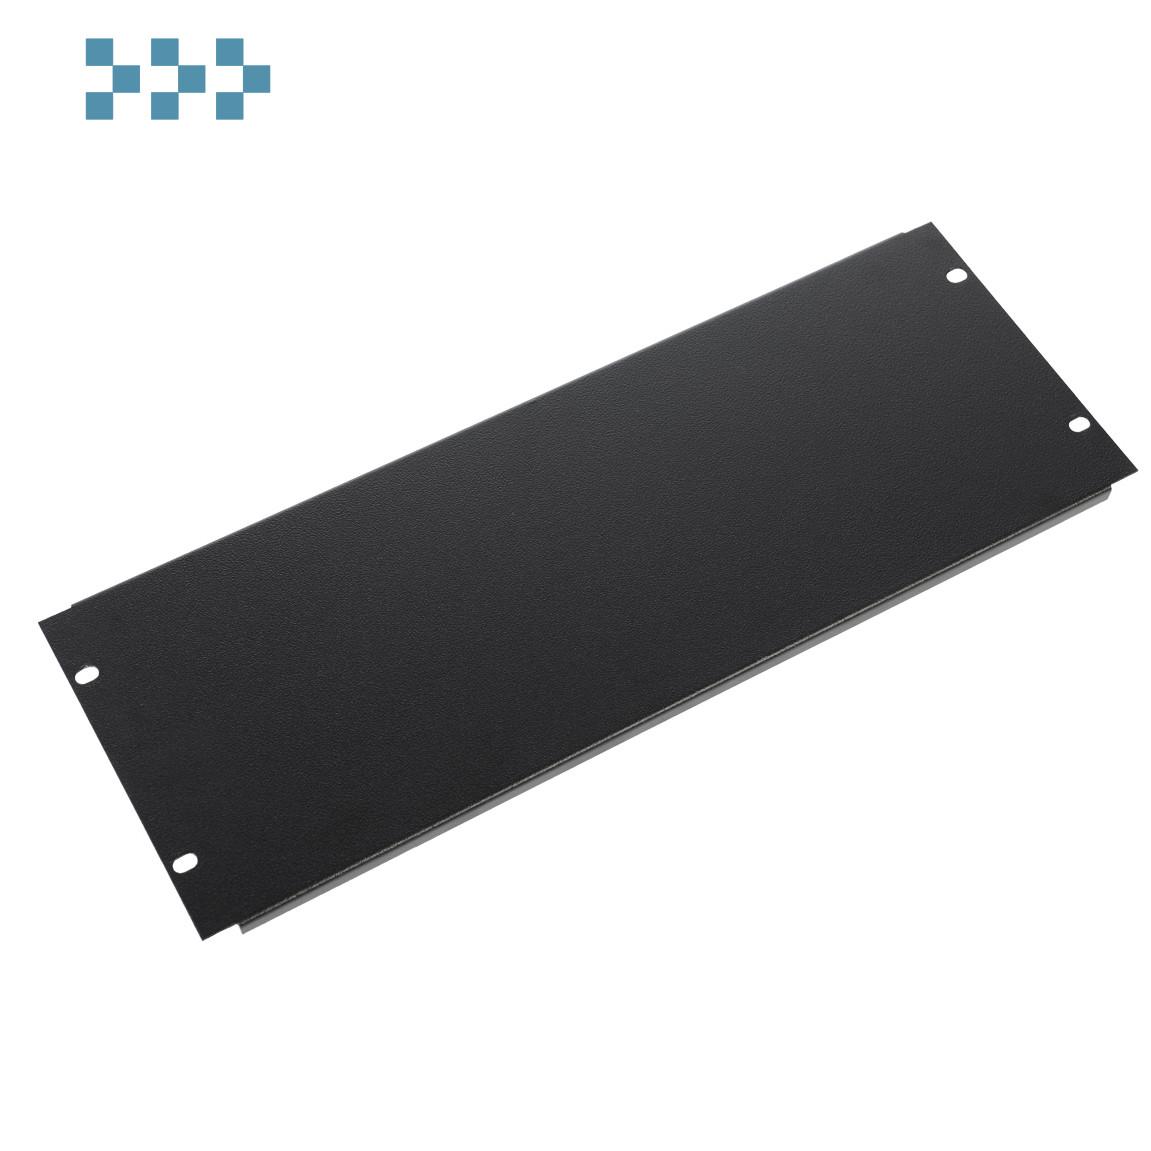 Фальшпанель ЦМО ФП-5-9005